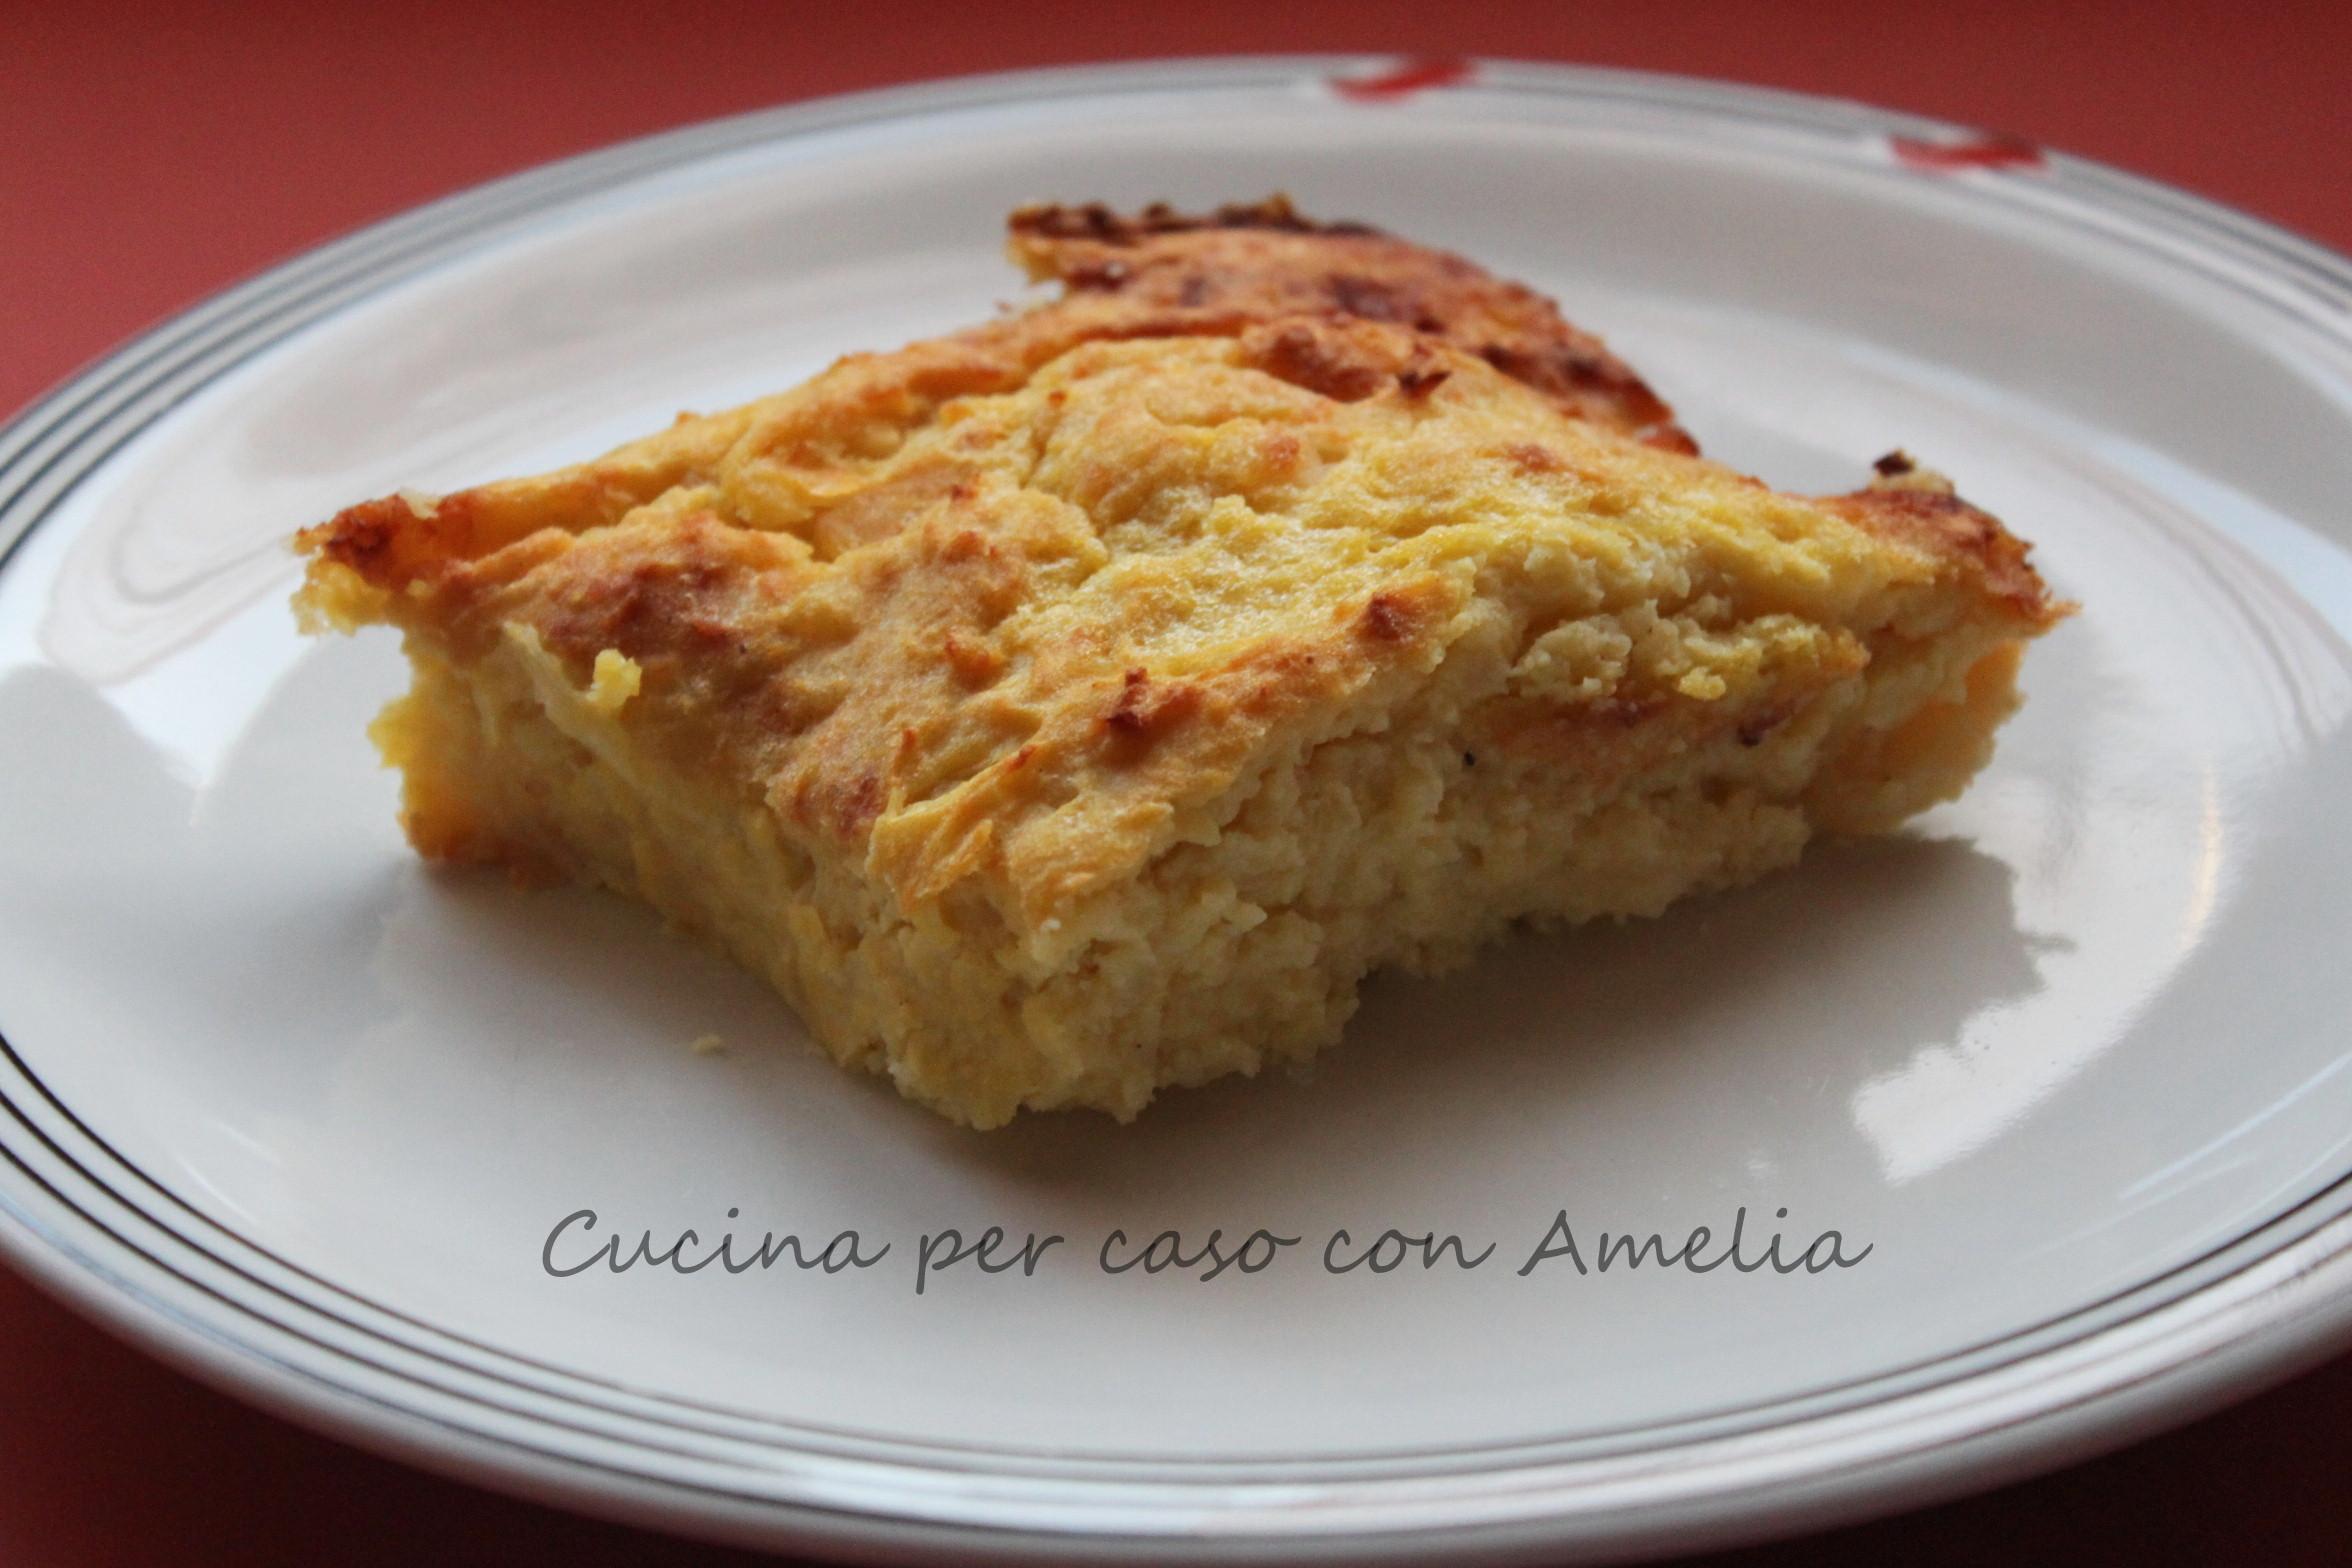 Tortino di patate ricetta vegetariana cucina per caso con amelia - Una vegetariana in cucina ...